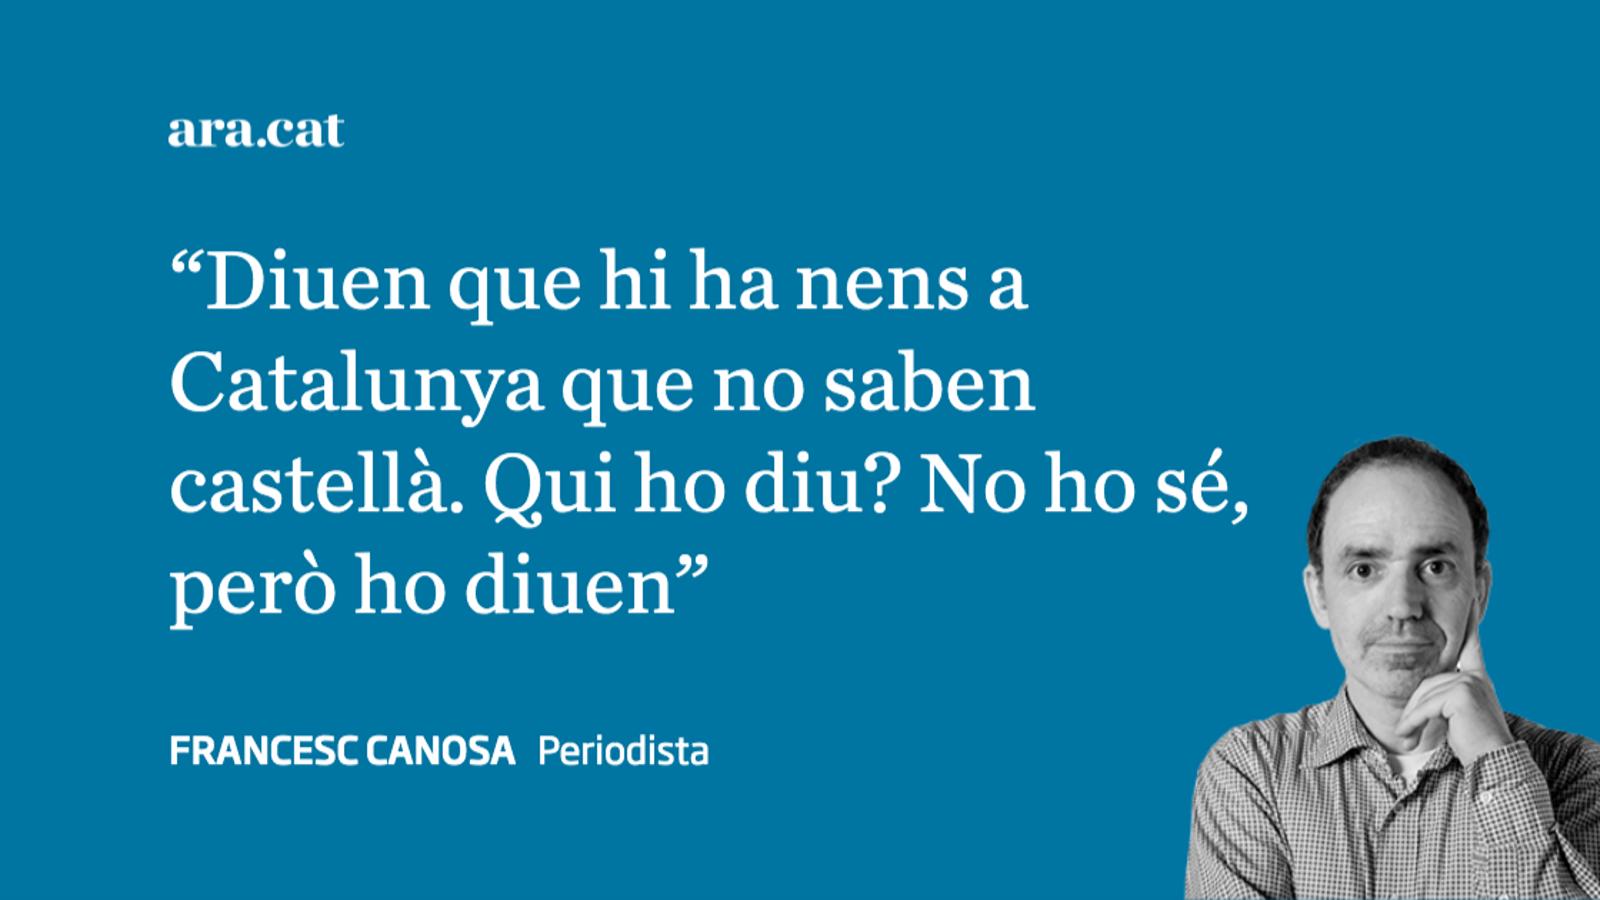 Més sobre el català